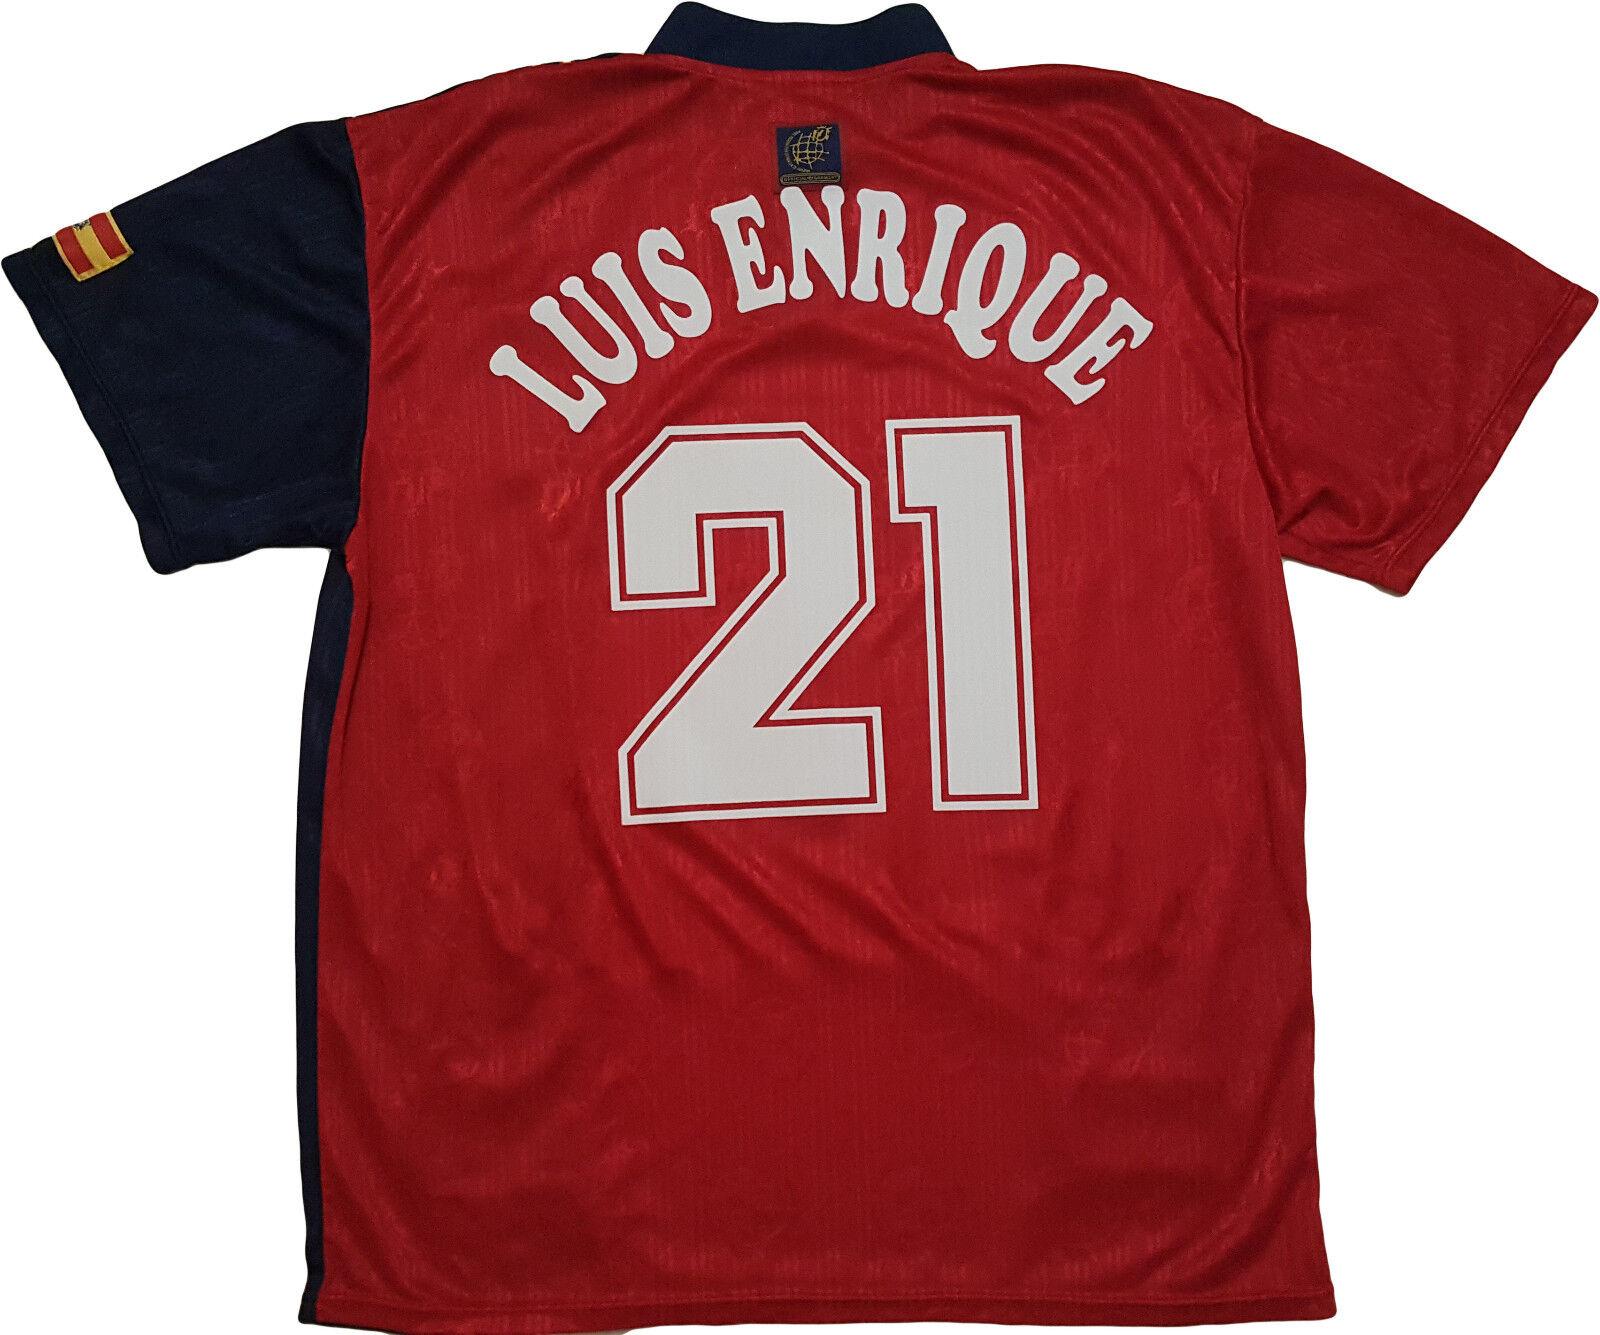 Maglia spagna Euro 1996 Home Home Home Shirt Euro Luis Enrique  21 Barca jersey camiseta 3e9